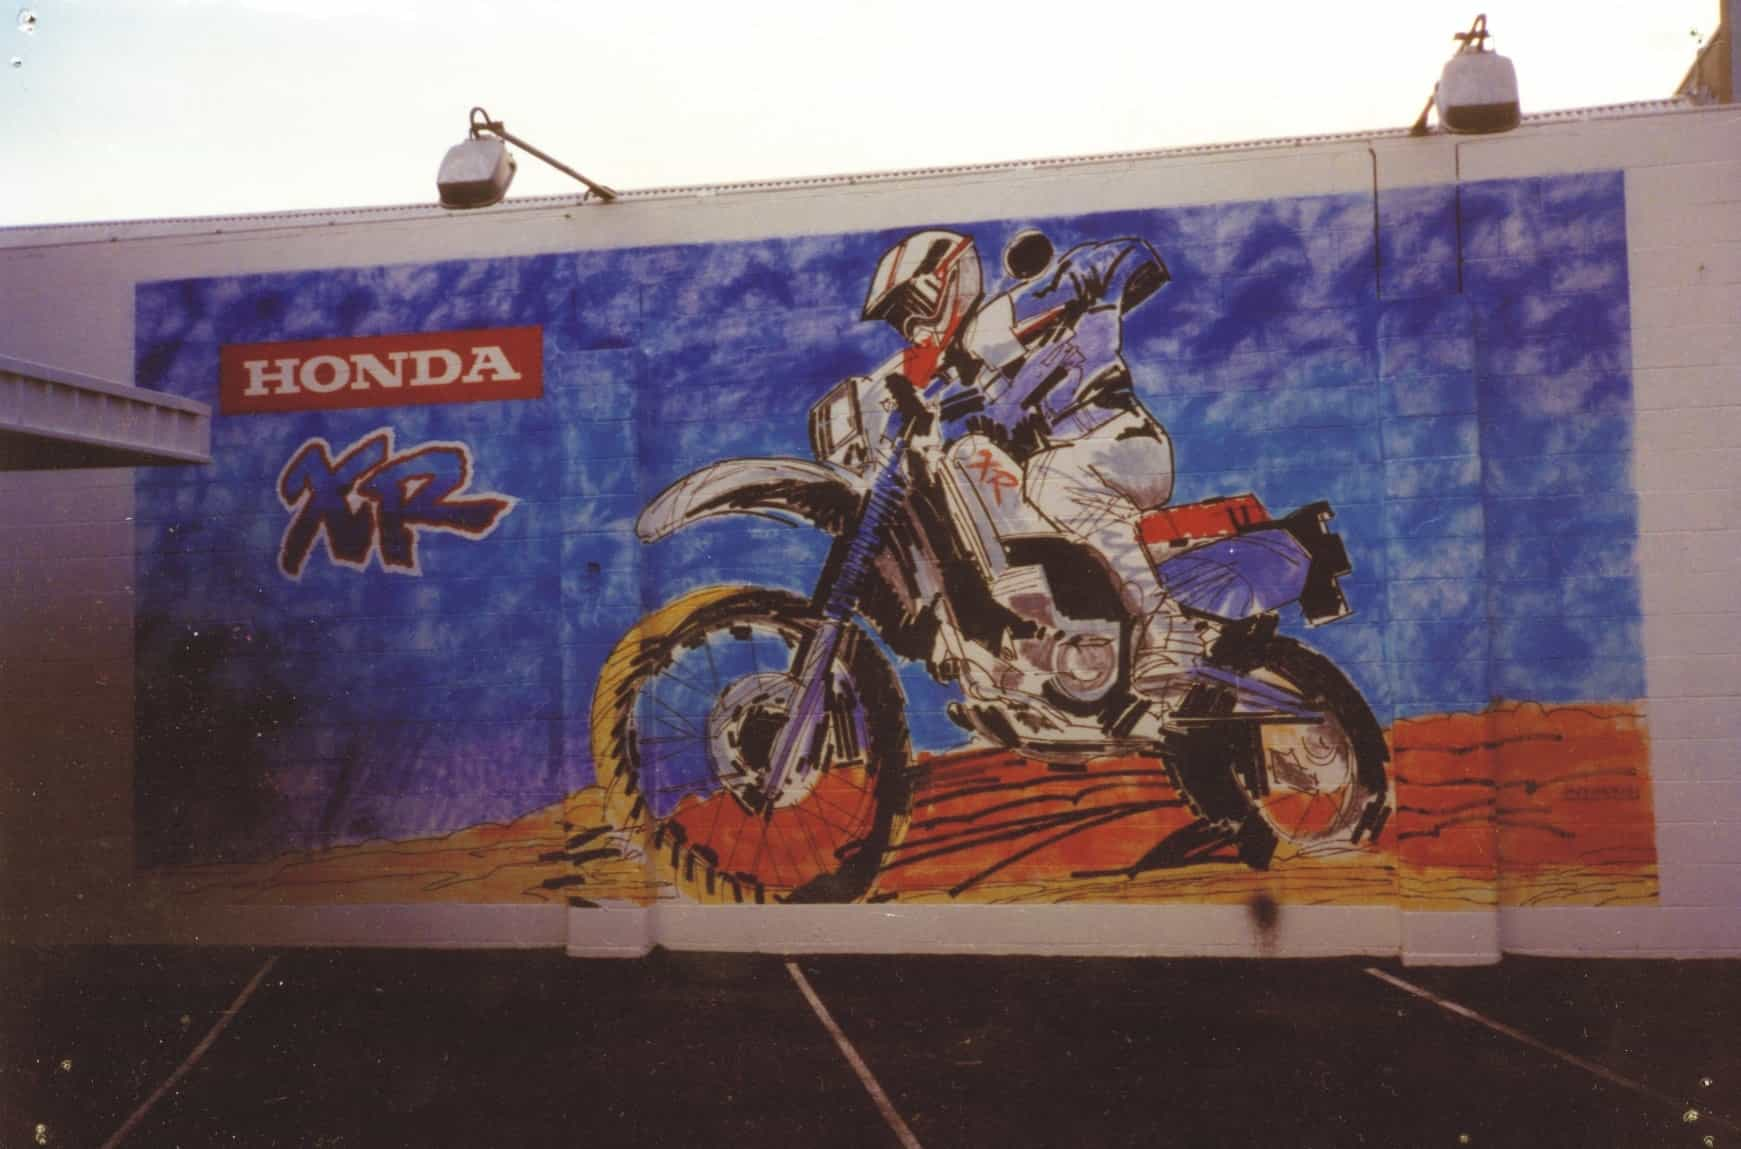 honda wall painting signage